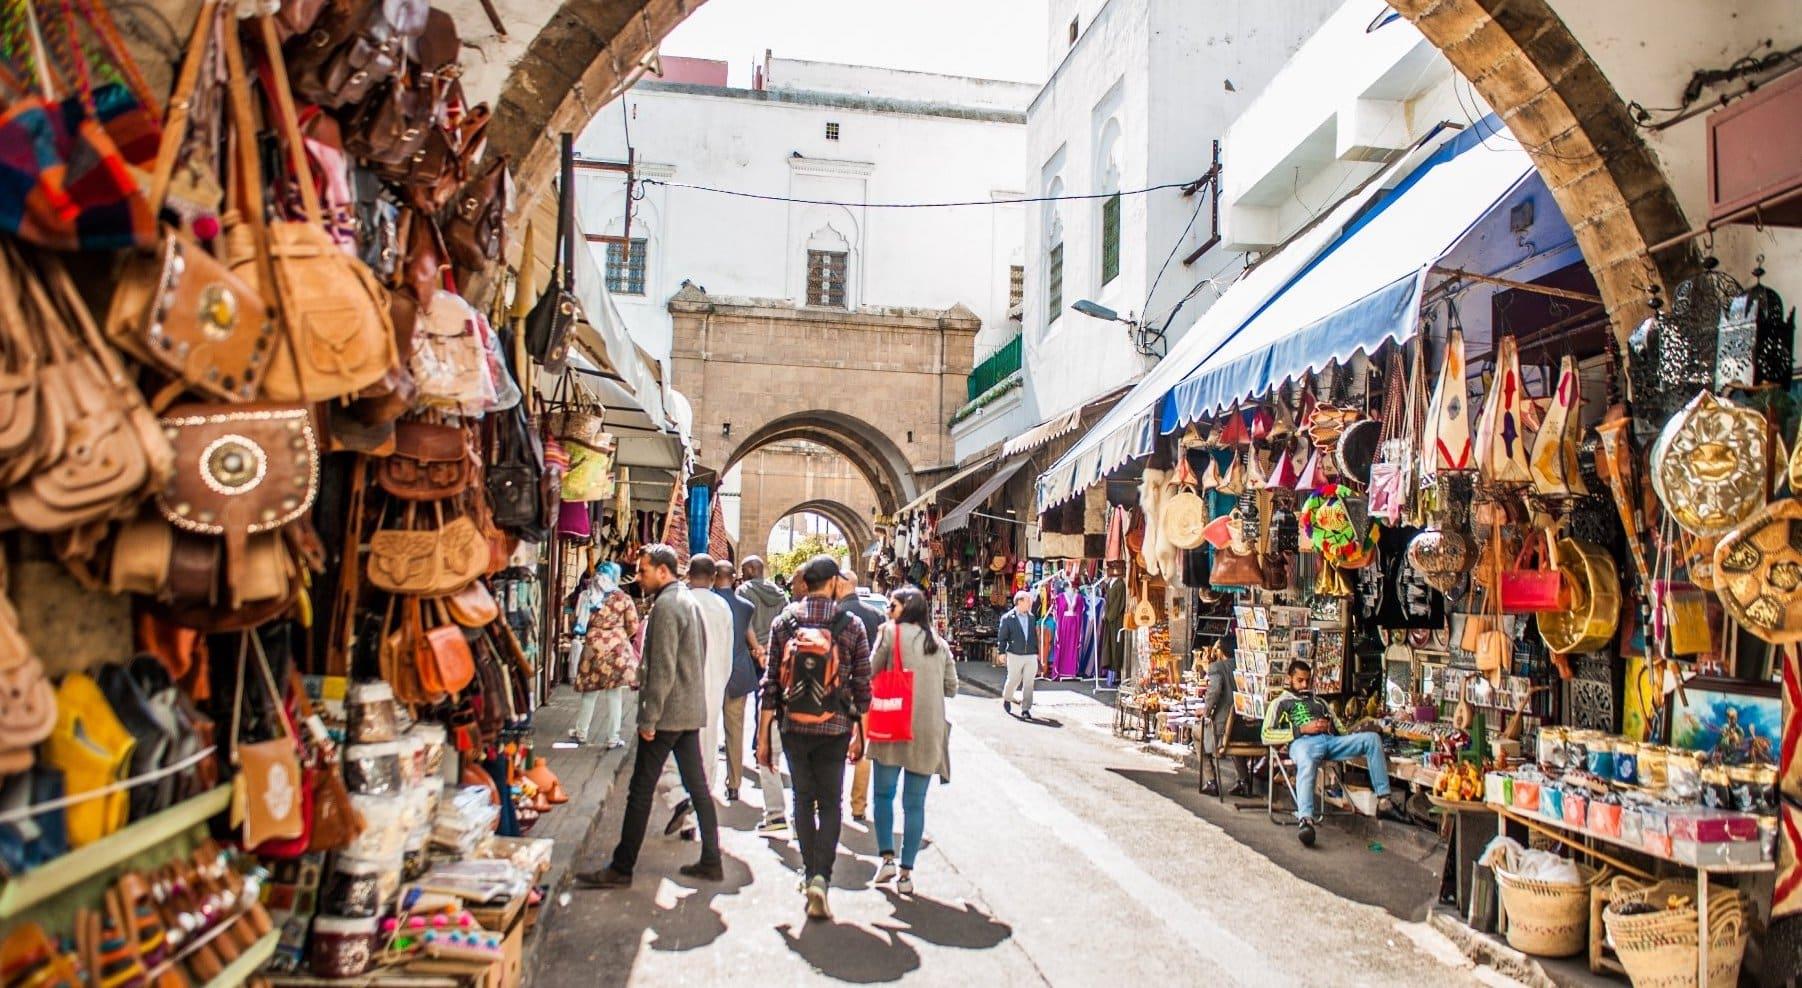 Most Instagrammable Neighbourhoods in Casablanca